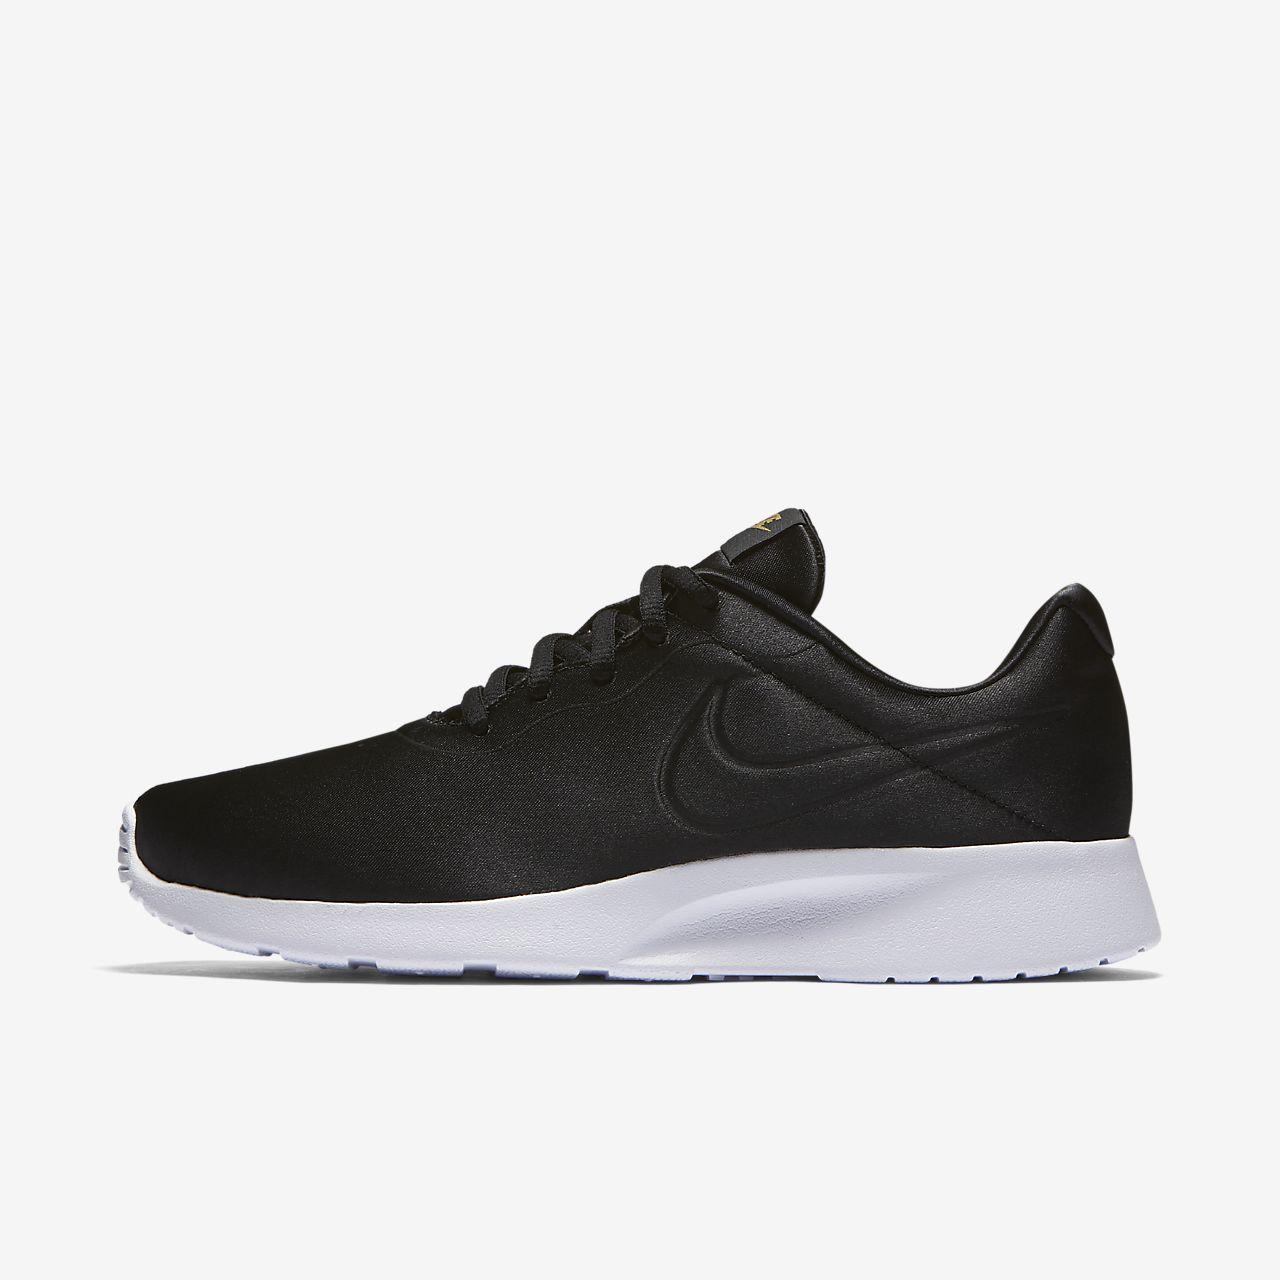 Tanjun Premium Nike x8hwEGfqEO